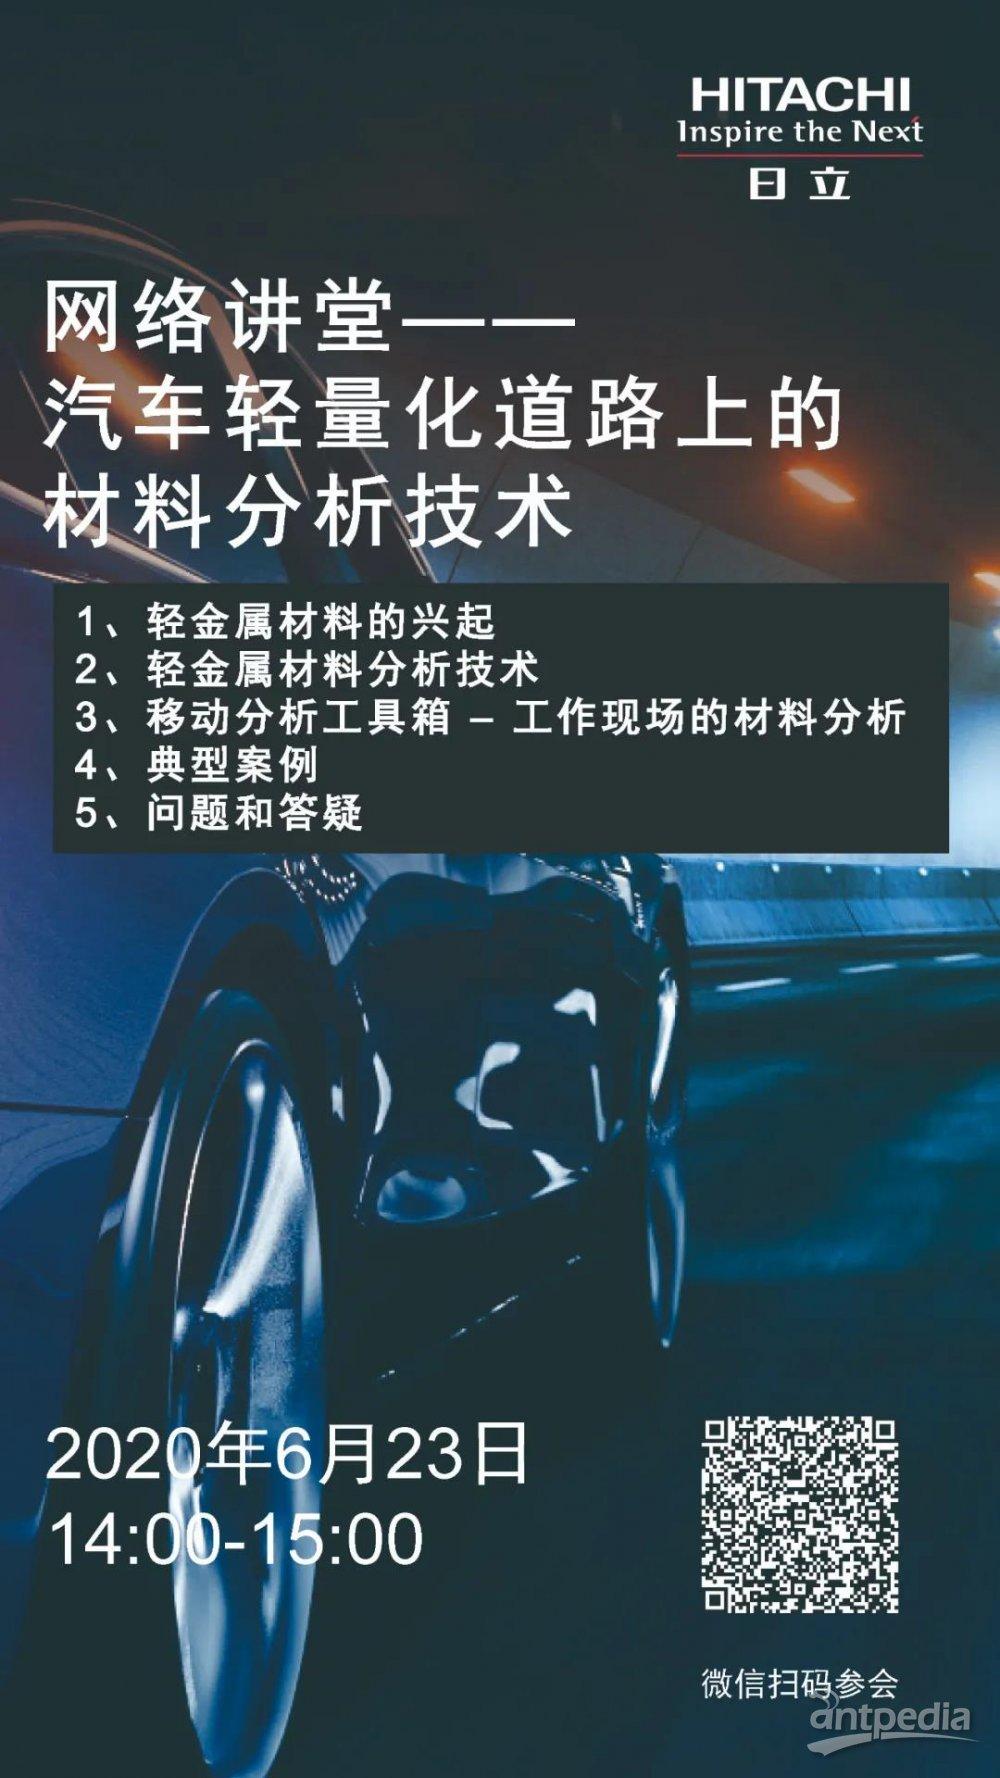 日立分析---汽车图片01.jpg